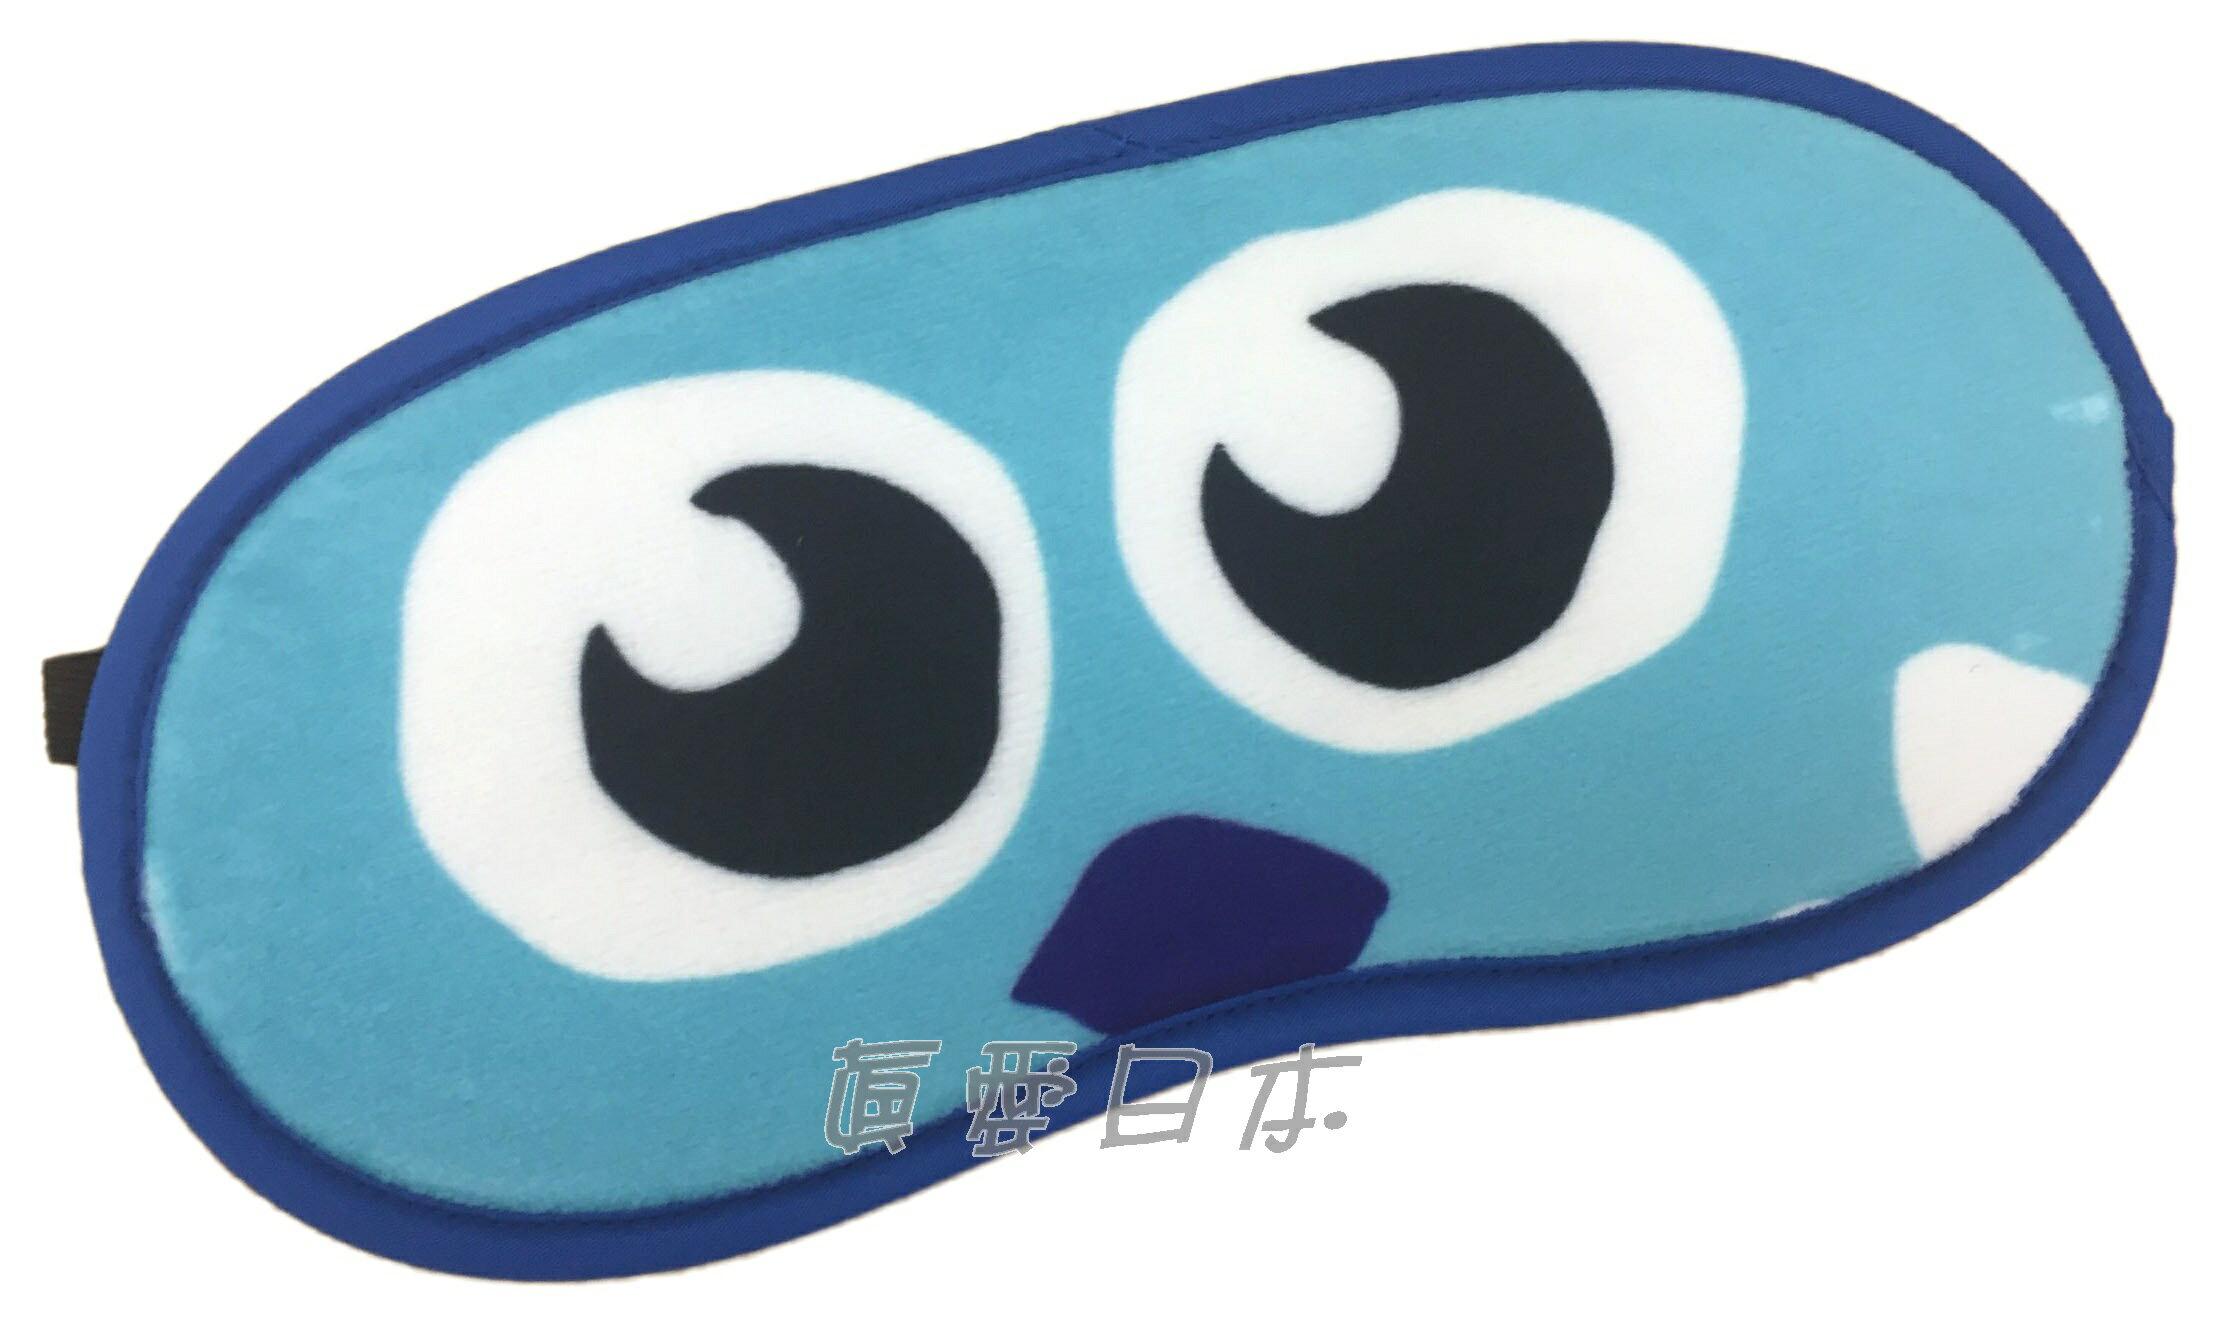 【真愛日本】16070600003 眼罩-毛怪大臉藍  迪士尼 怪獸電力公司 怪獸大學 眼罩